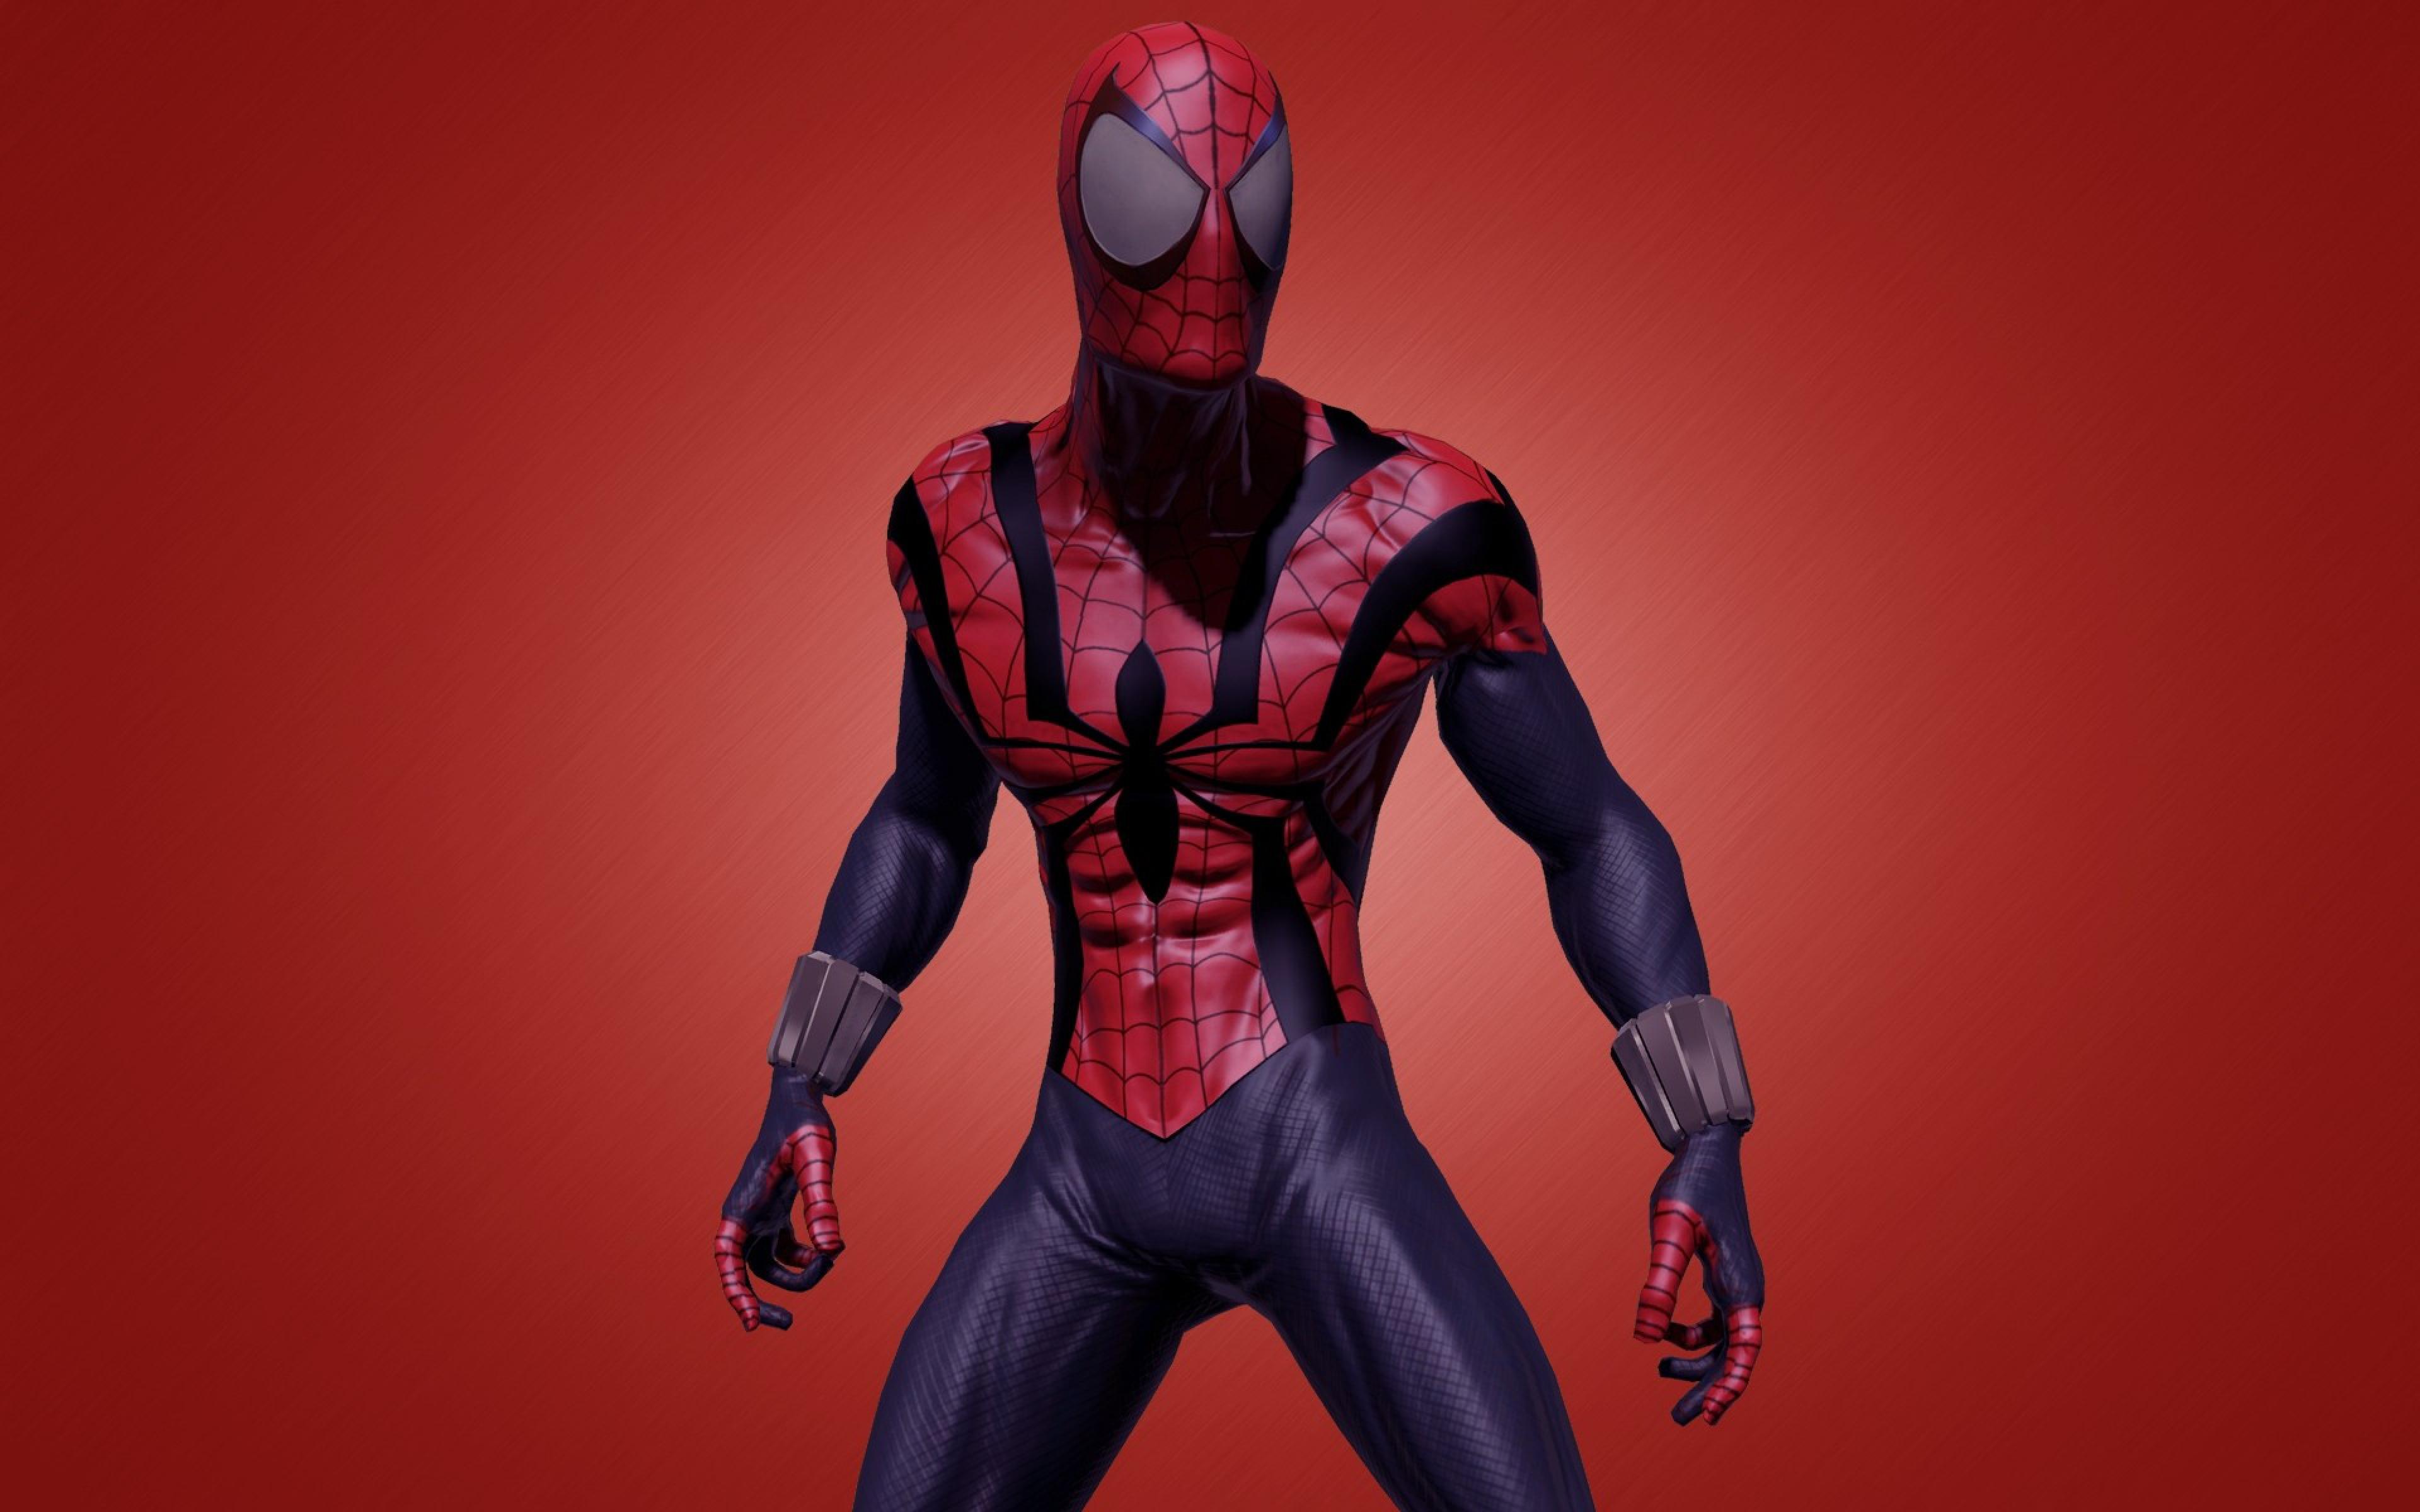 Download Wallpaper 3840x2400 Comics Marvel Spider man Ultra HD 4K HD 3840x2400